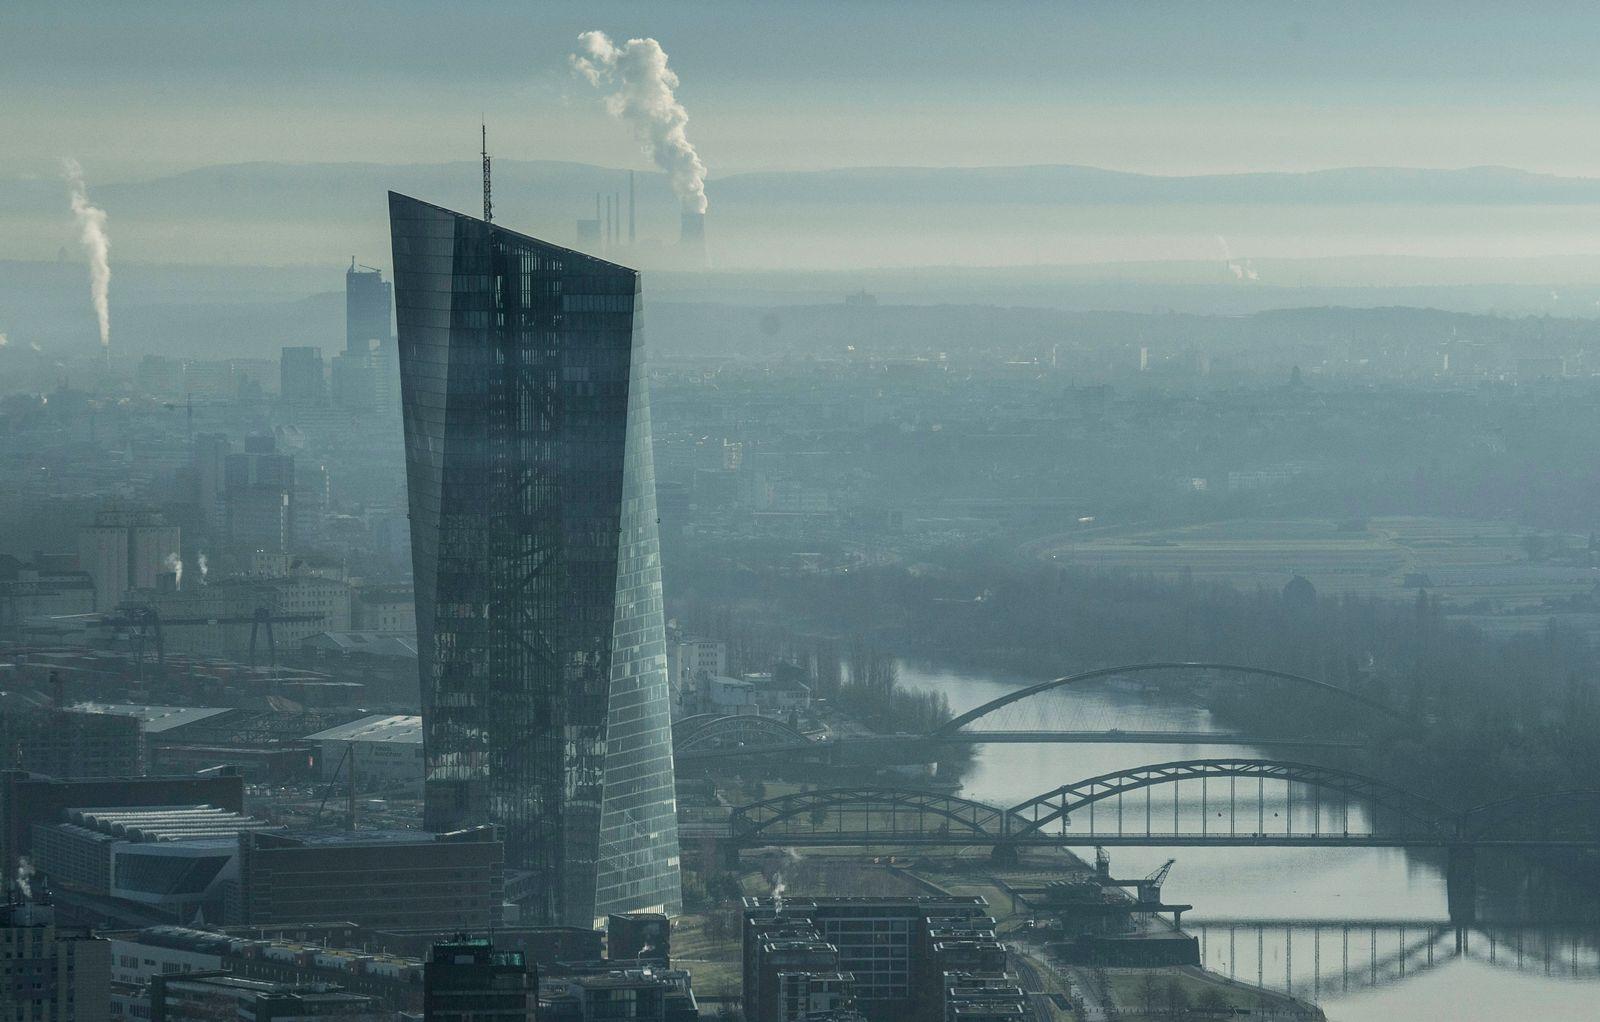 EZB sieht wachsende Risiken für die Finanzstabilität im Euroraum